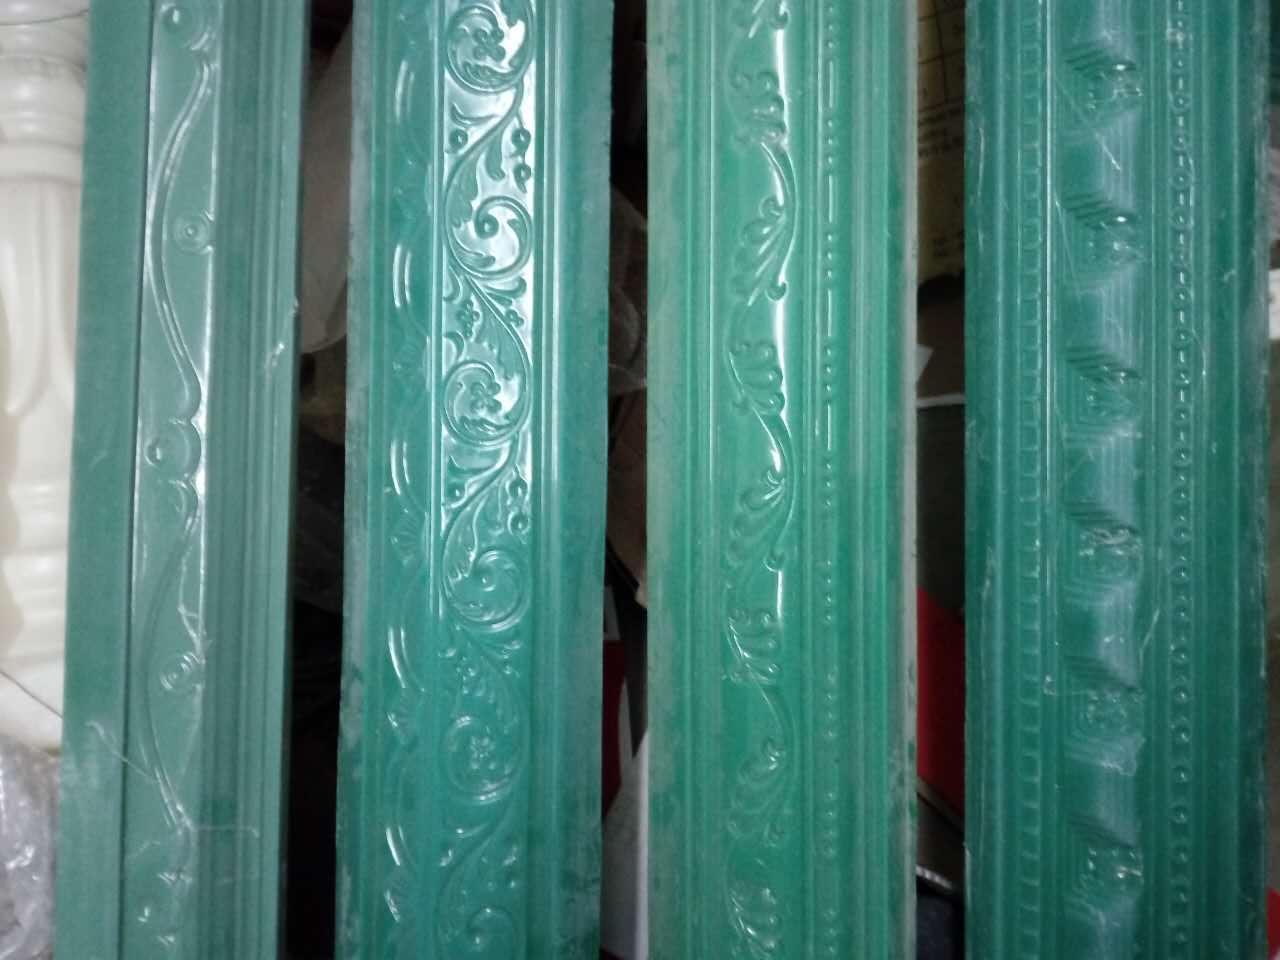 河南石膏线模具批发_河南石膏线模具批发厂家石膏线模具和模应该注意哪些问题